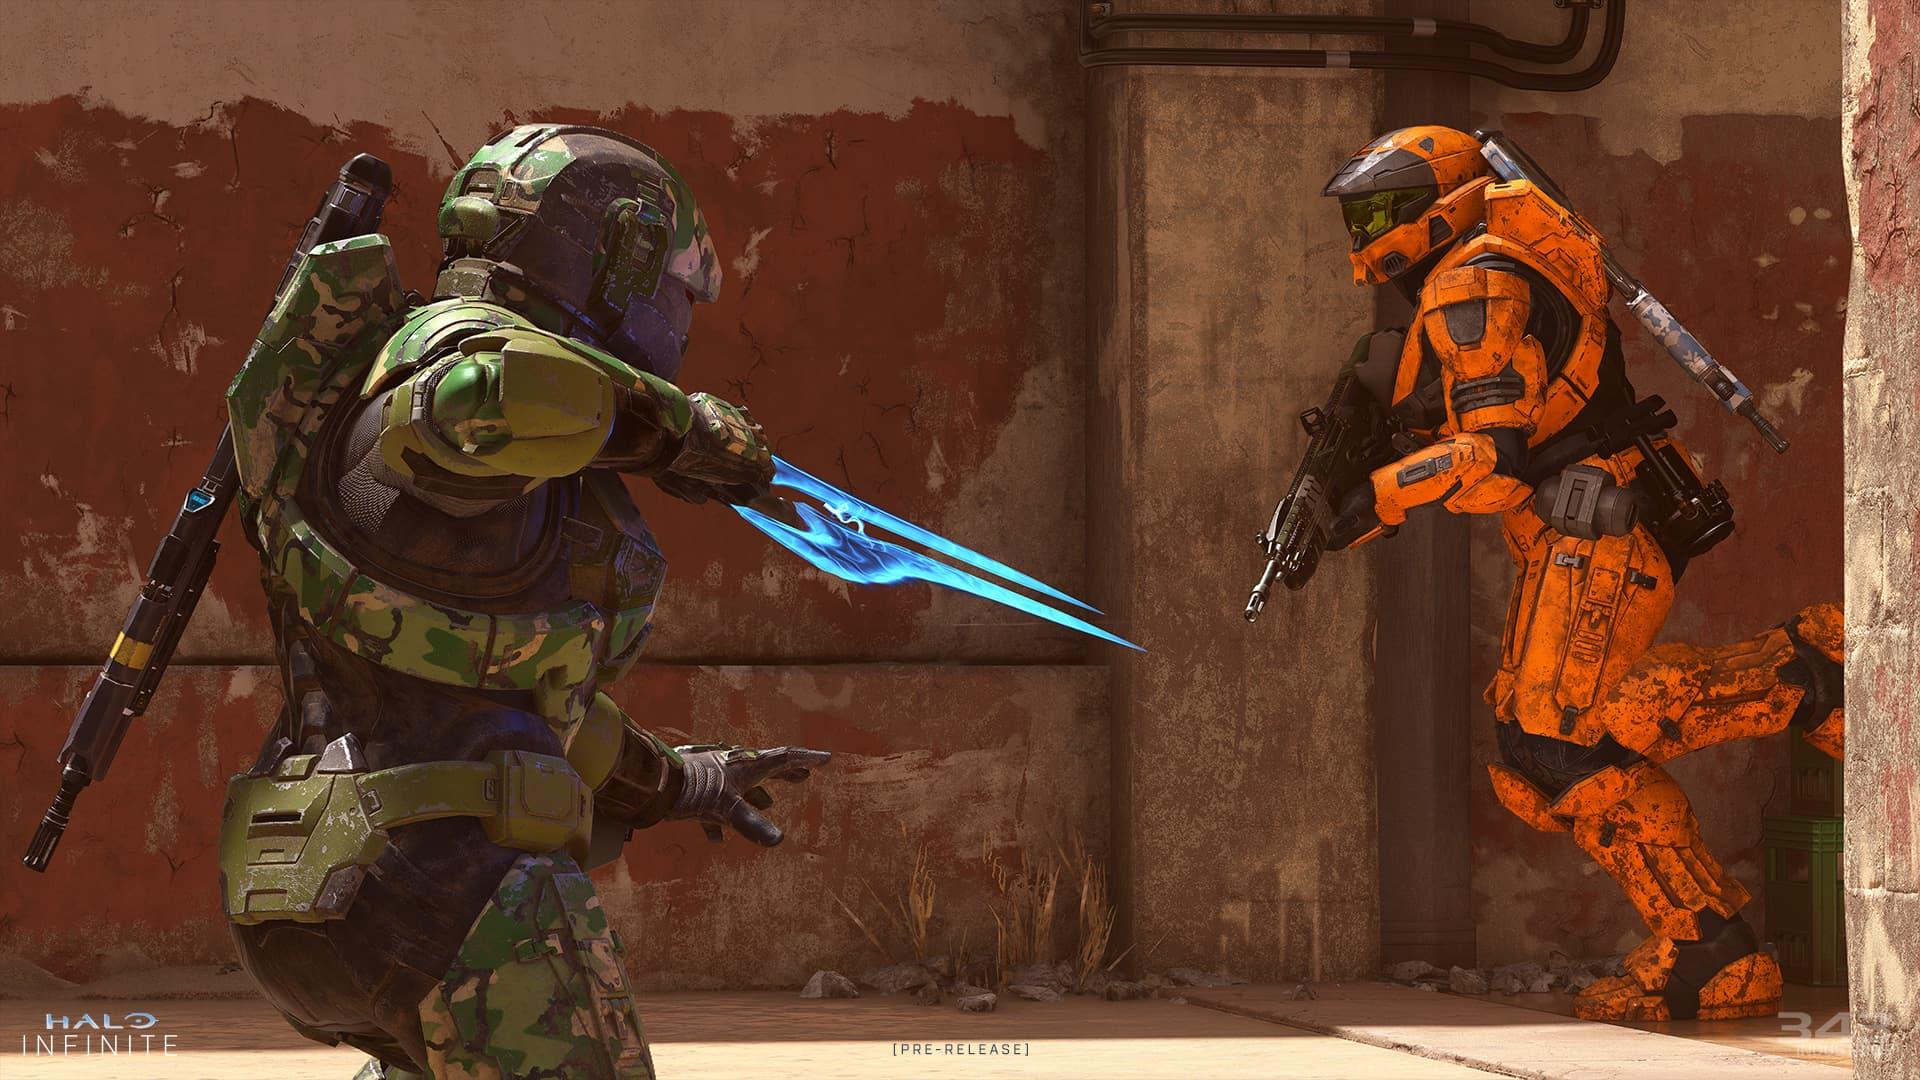 fecha de lanzamiento de Halo Infinite